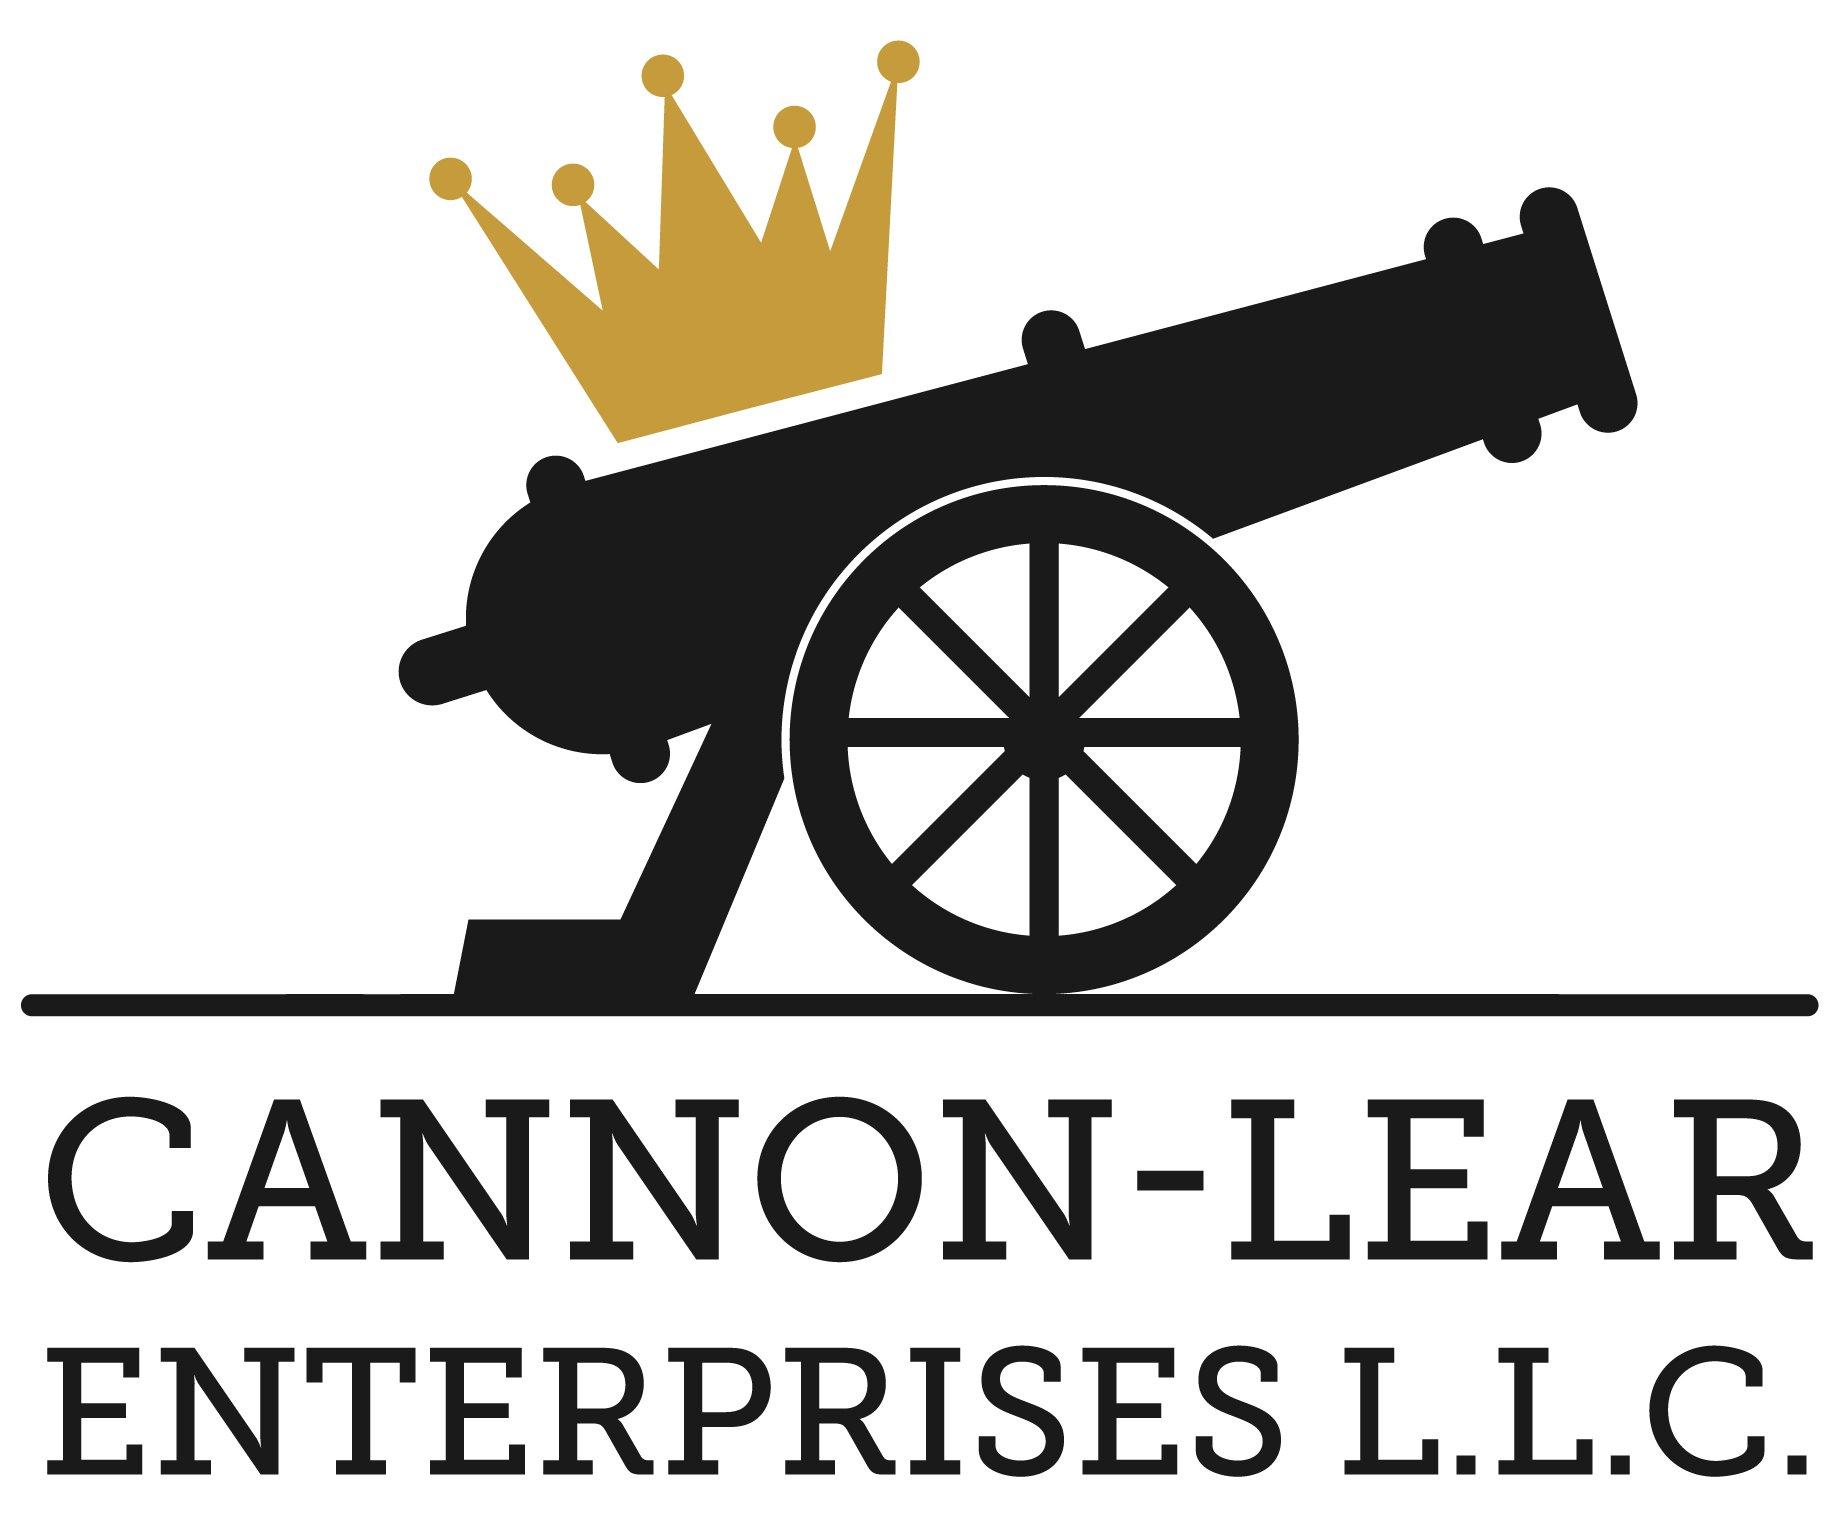 Cannon_Lear_Enterprises-Logo